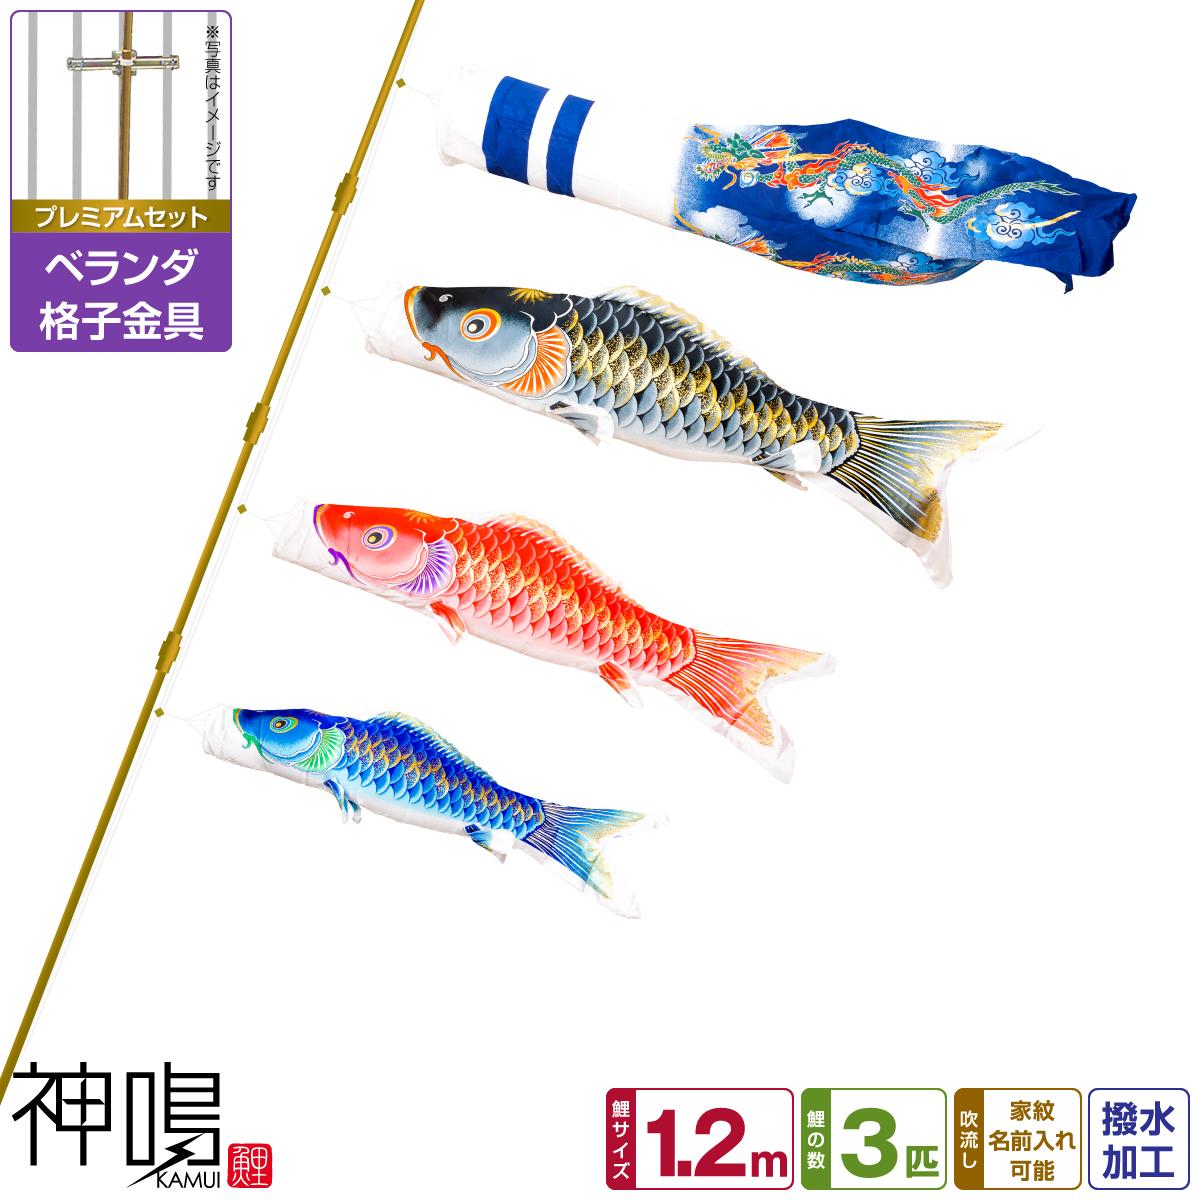 ベランダ用 鯉のぼり 神鳴鯉-KAMUI- 1.2m 6点(吹流し+鯉3匹+矢車+ロープ)/プレミアムセット(格子金具)